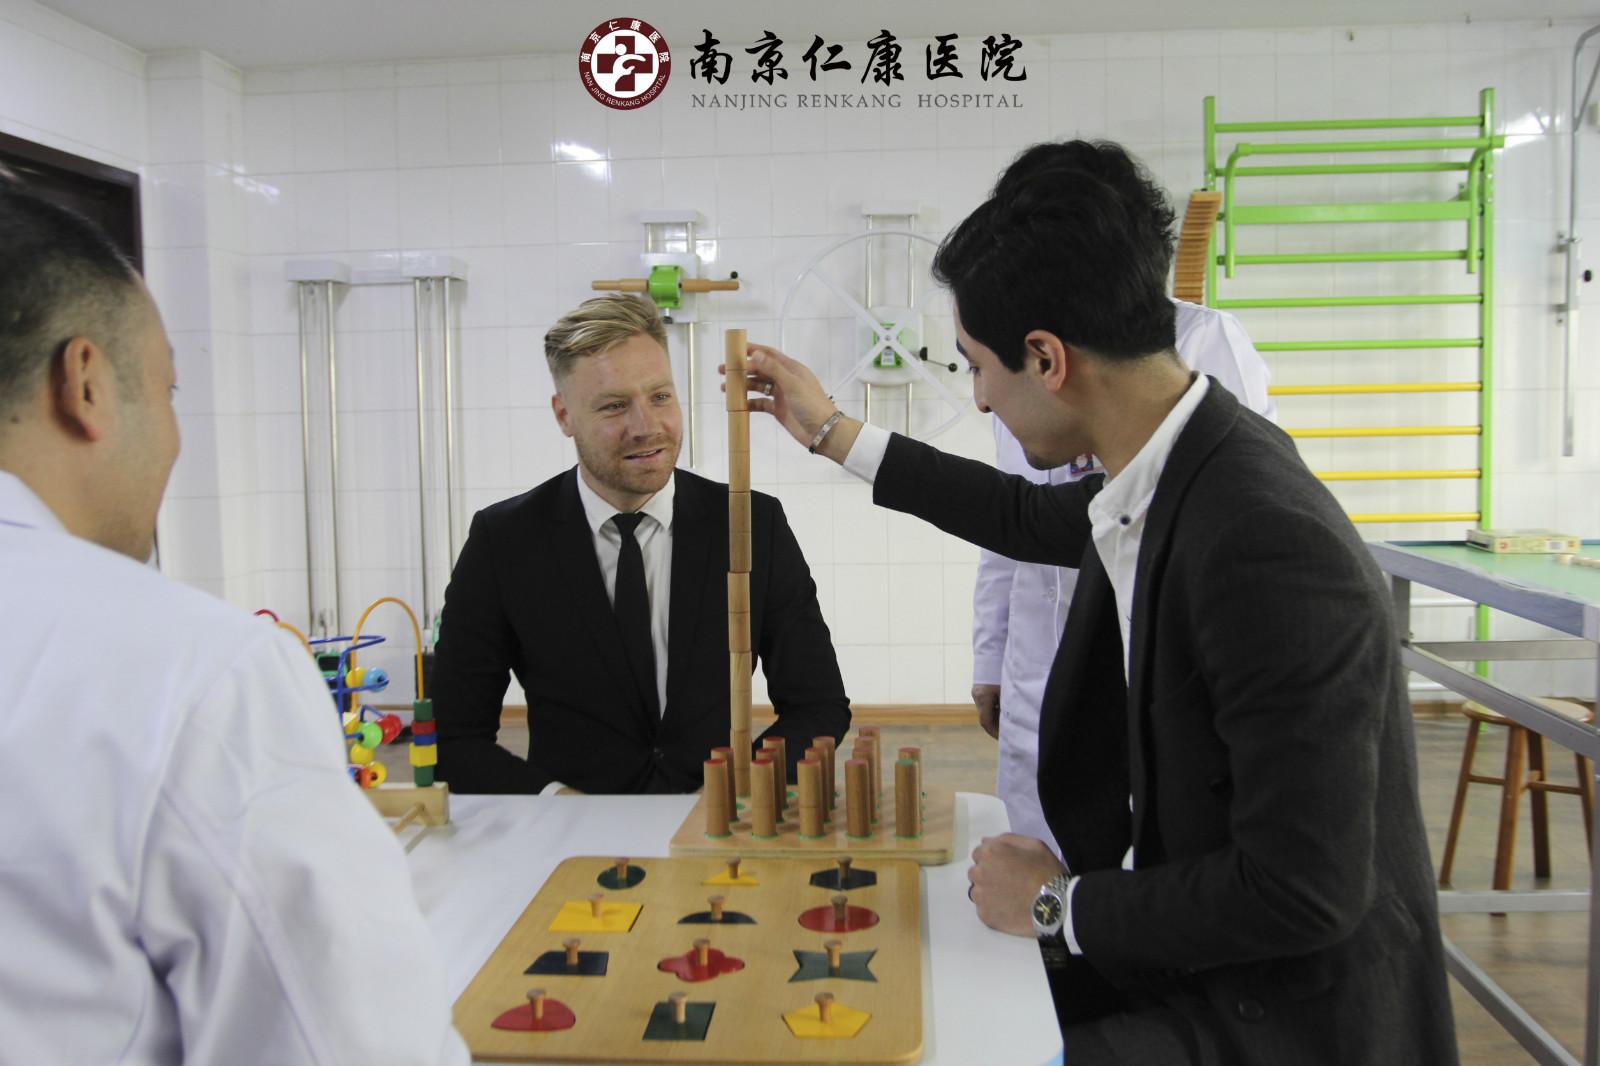 2017中、美、德精神科医学医生在南京医院进行全球学术访问